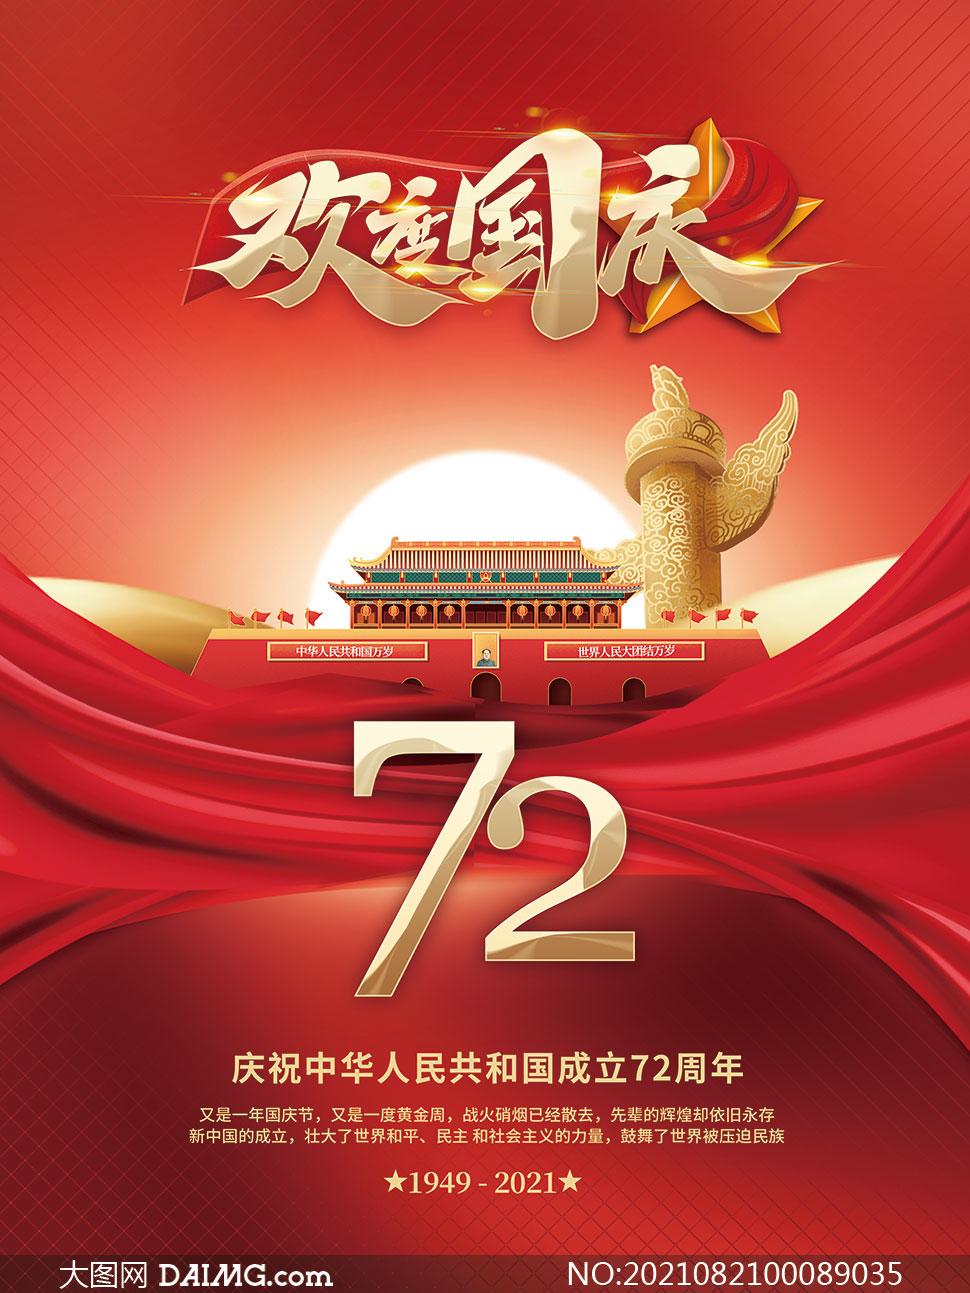 歡度國慶宣傳海報設計模板PSD素材